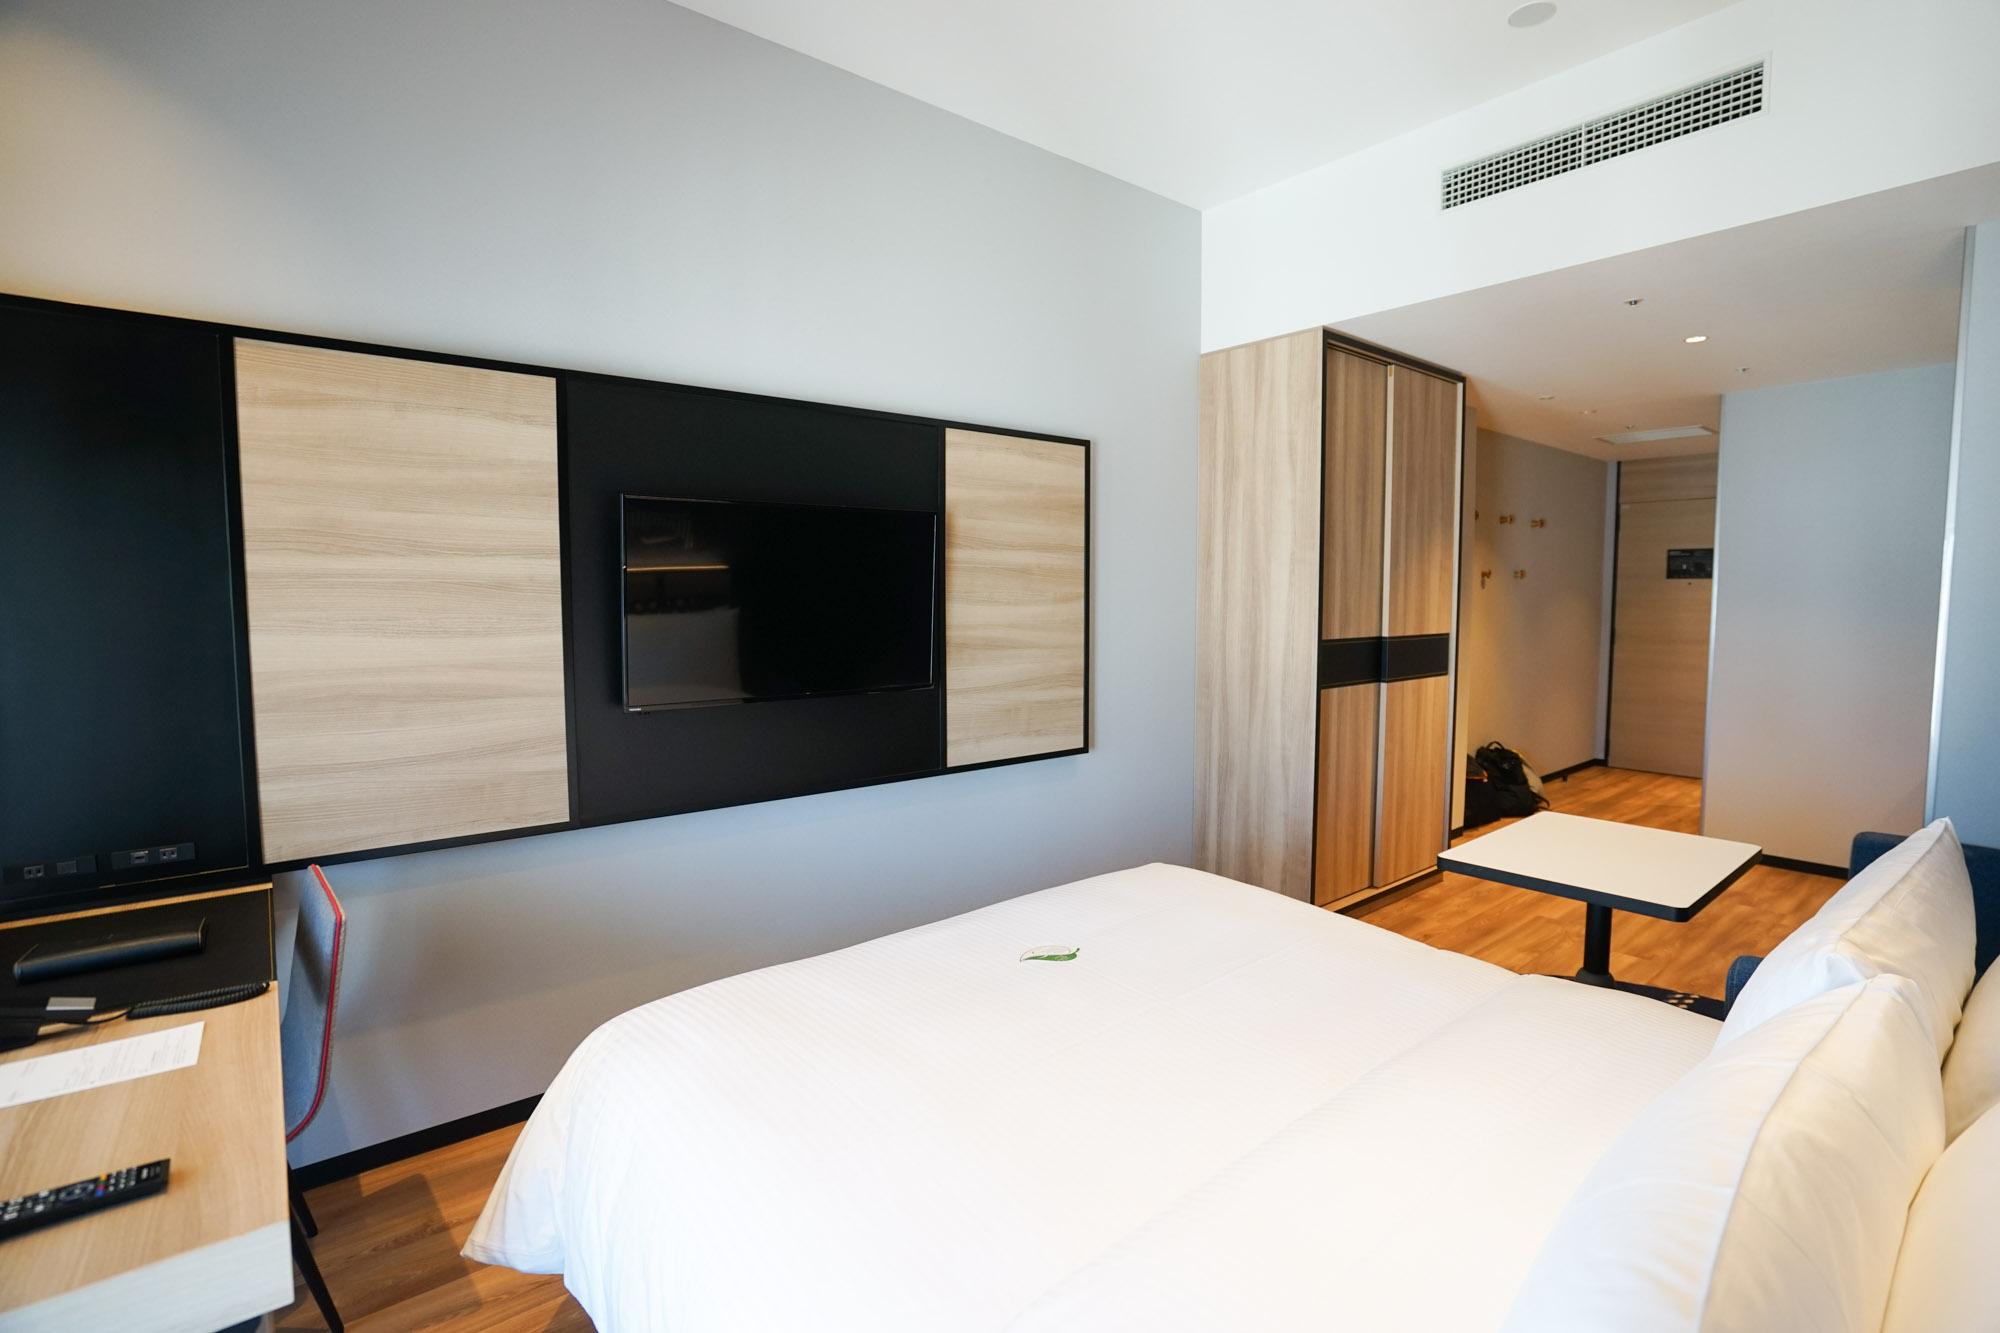 空間を邪魔しない、壁掛けの大きなテレビがあり、リラックスして過ごせます。